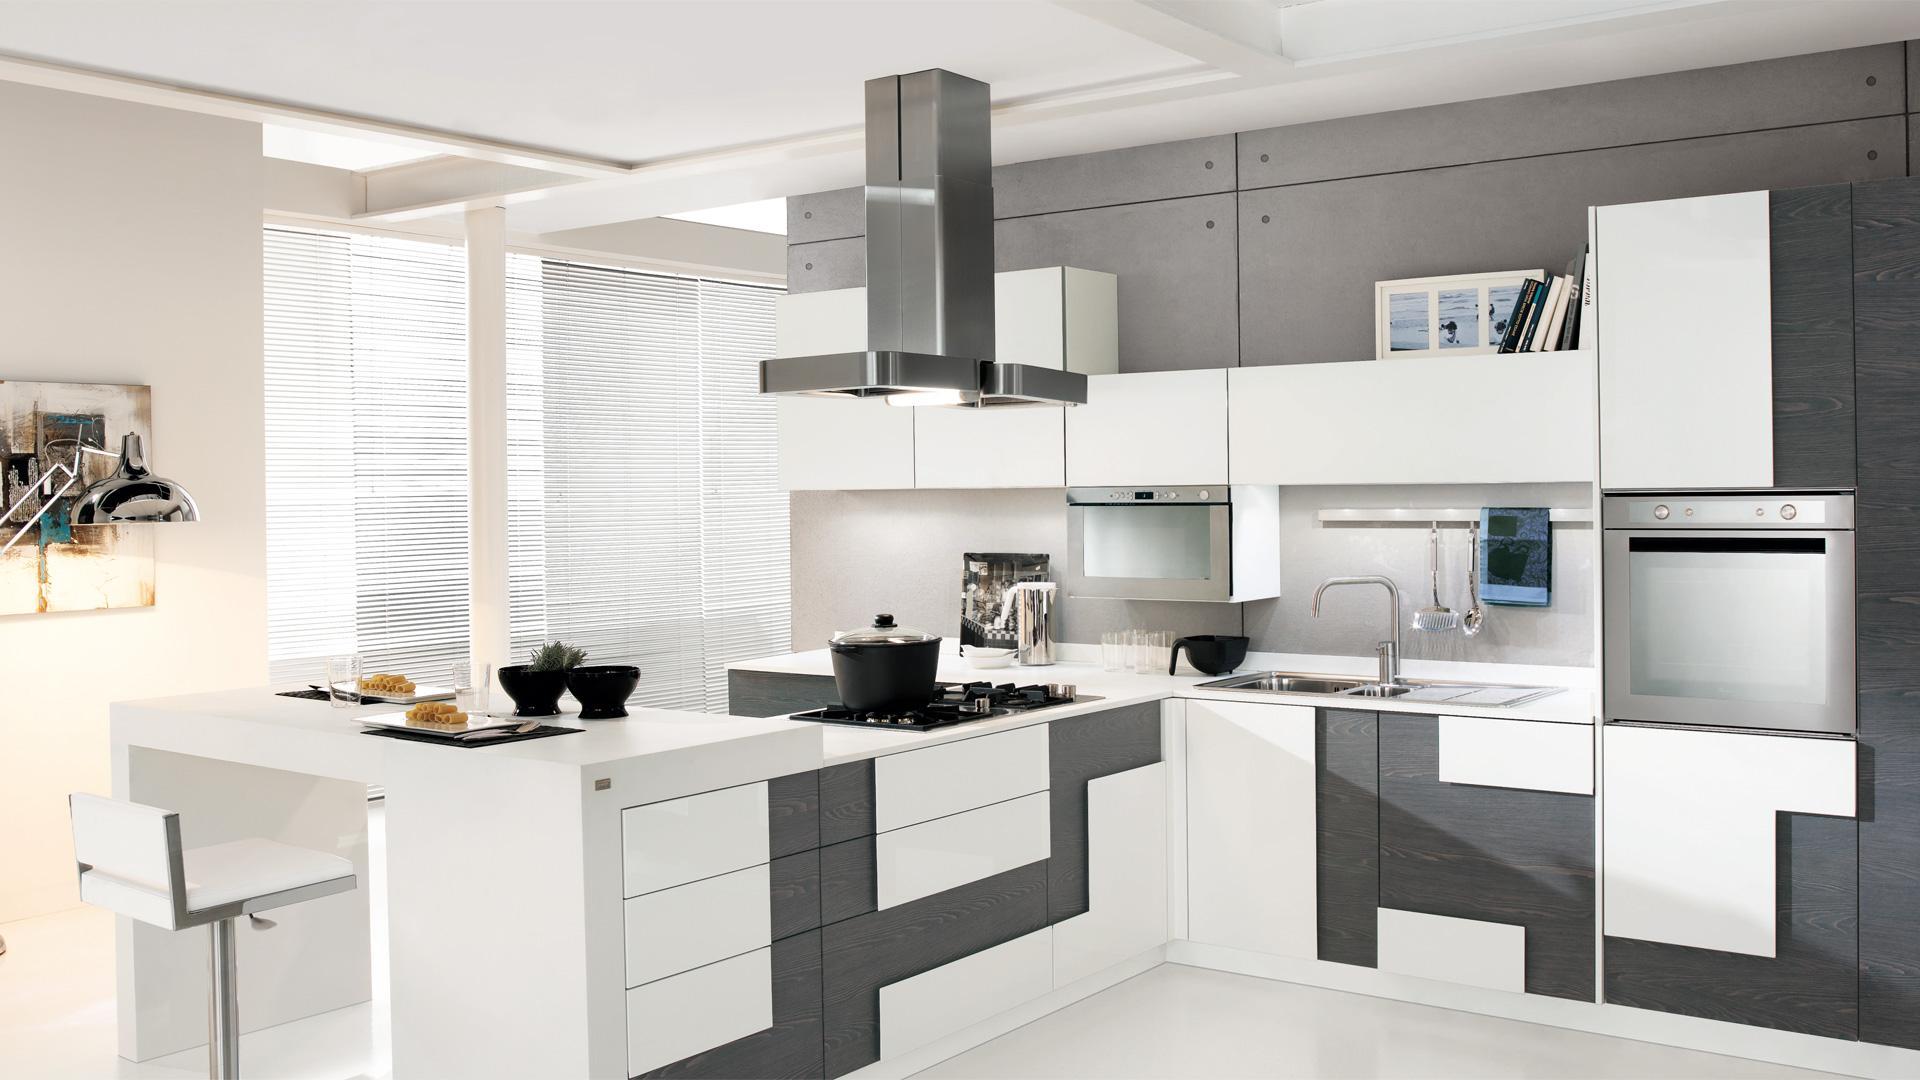 Cucine Moderne Con Isola Lube.Cucina Con Isola Le Soluzioni Da Non Perdere Di Lube Store